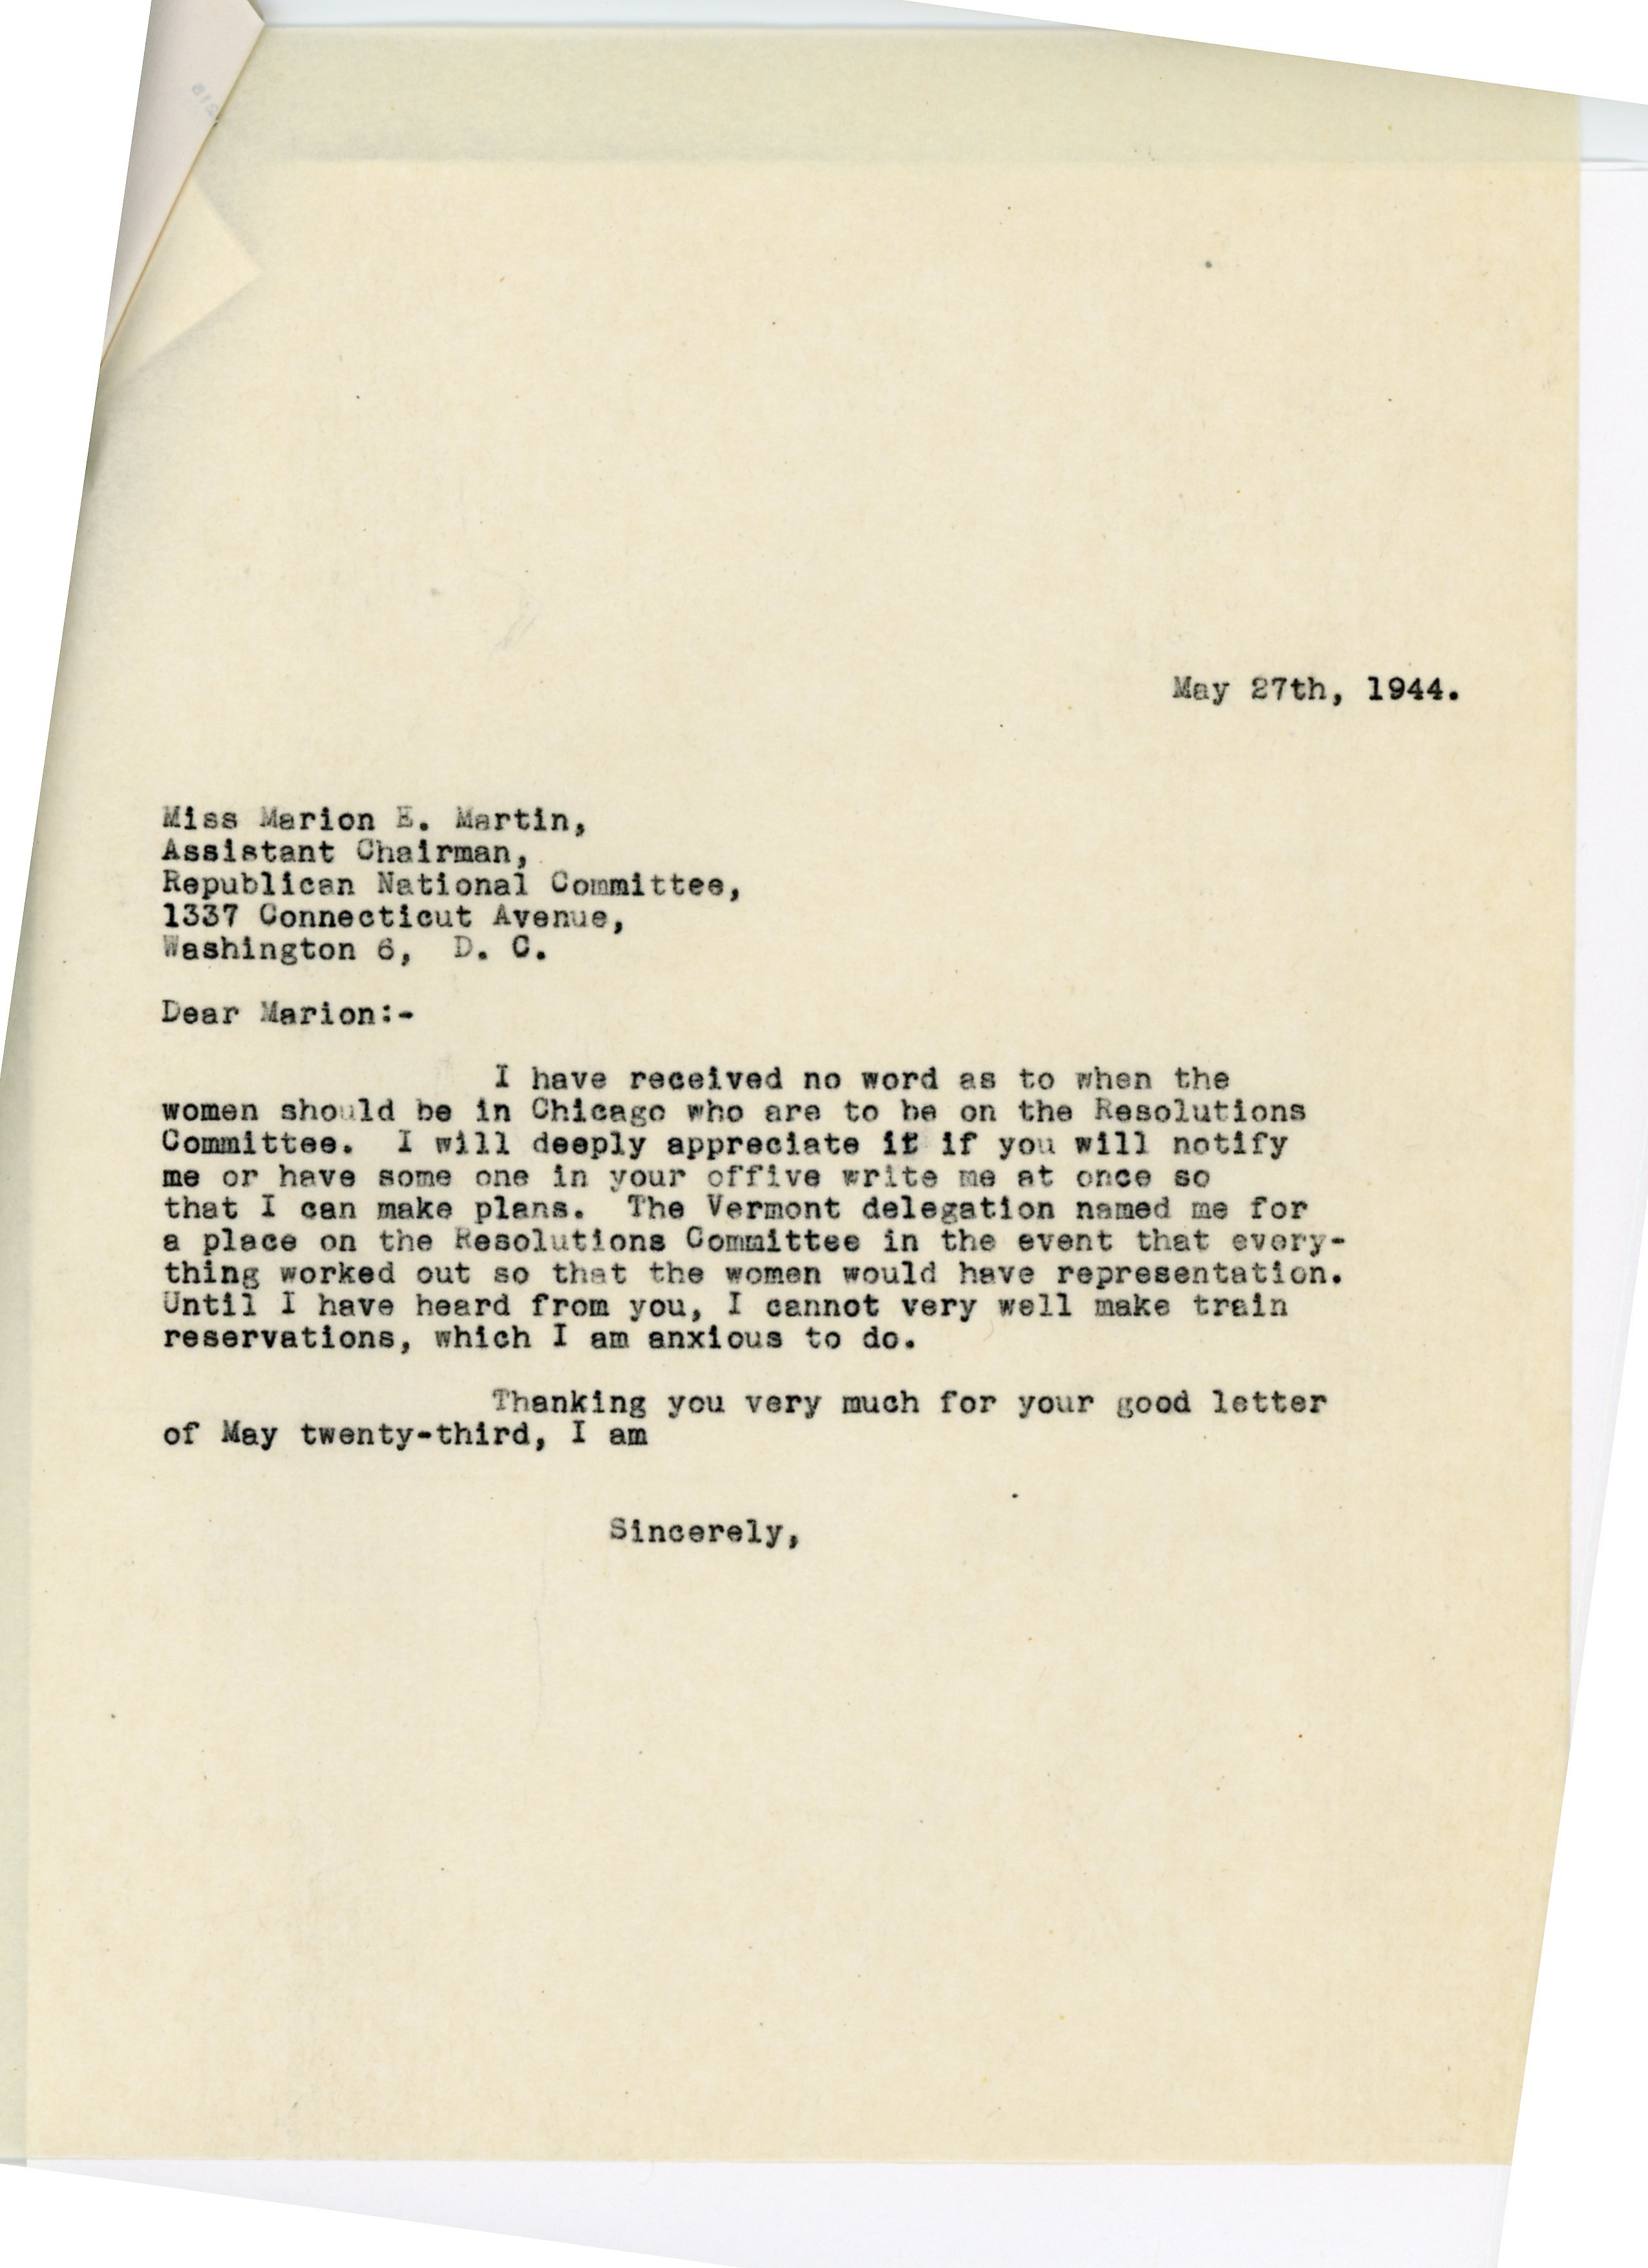 Consuelo Northrop Bailey to Marion E. Martin, 1944 May 27